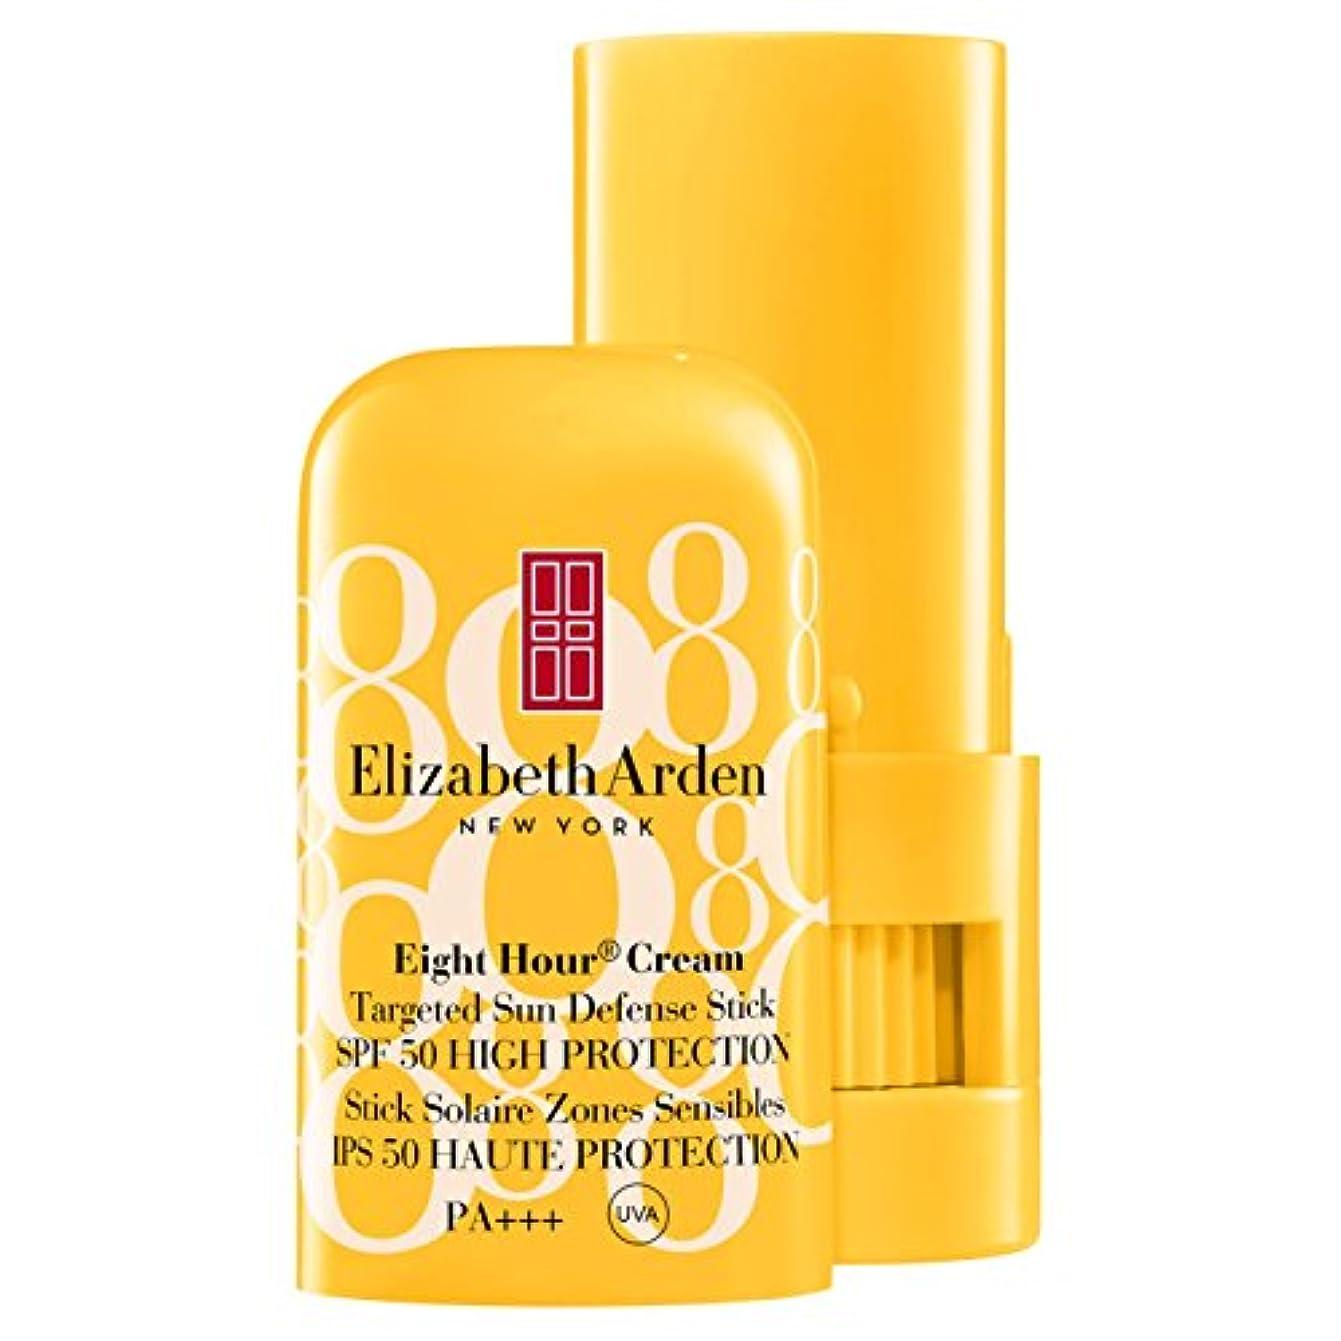 必要治安判事肌Elizabeth Arden Eight Hour? Cream Targeted Sun Defense Stick SPF50 High Protection 15ml (Pack of 6) - エリザベスアーデン...